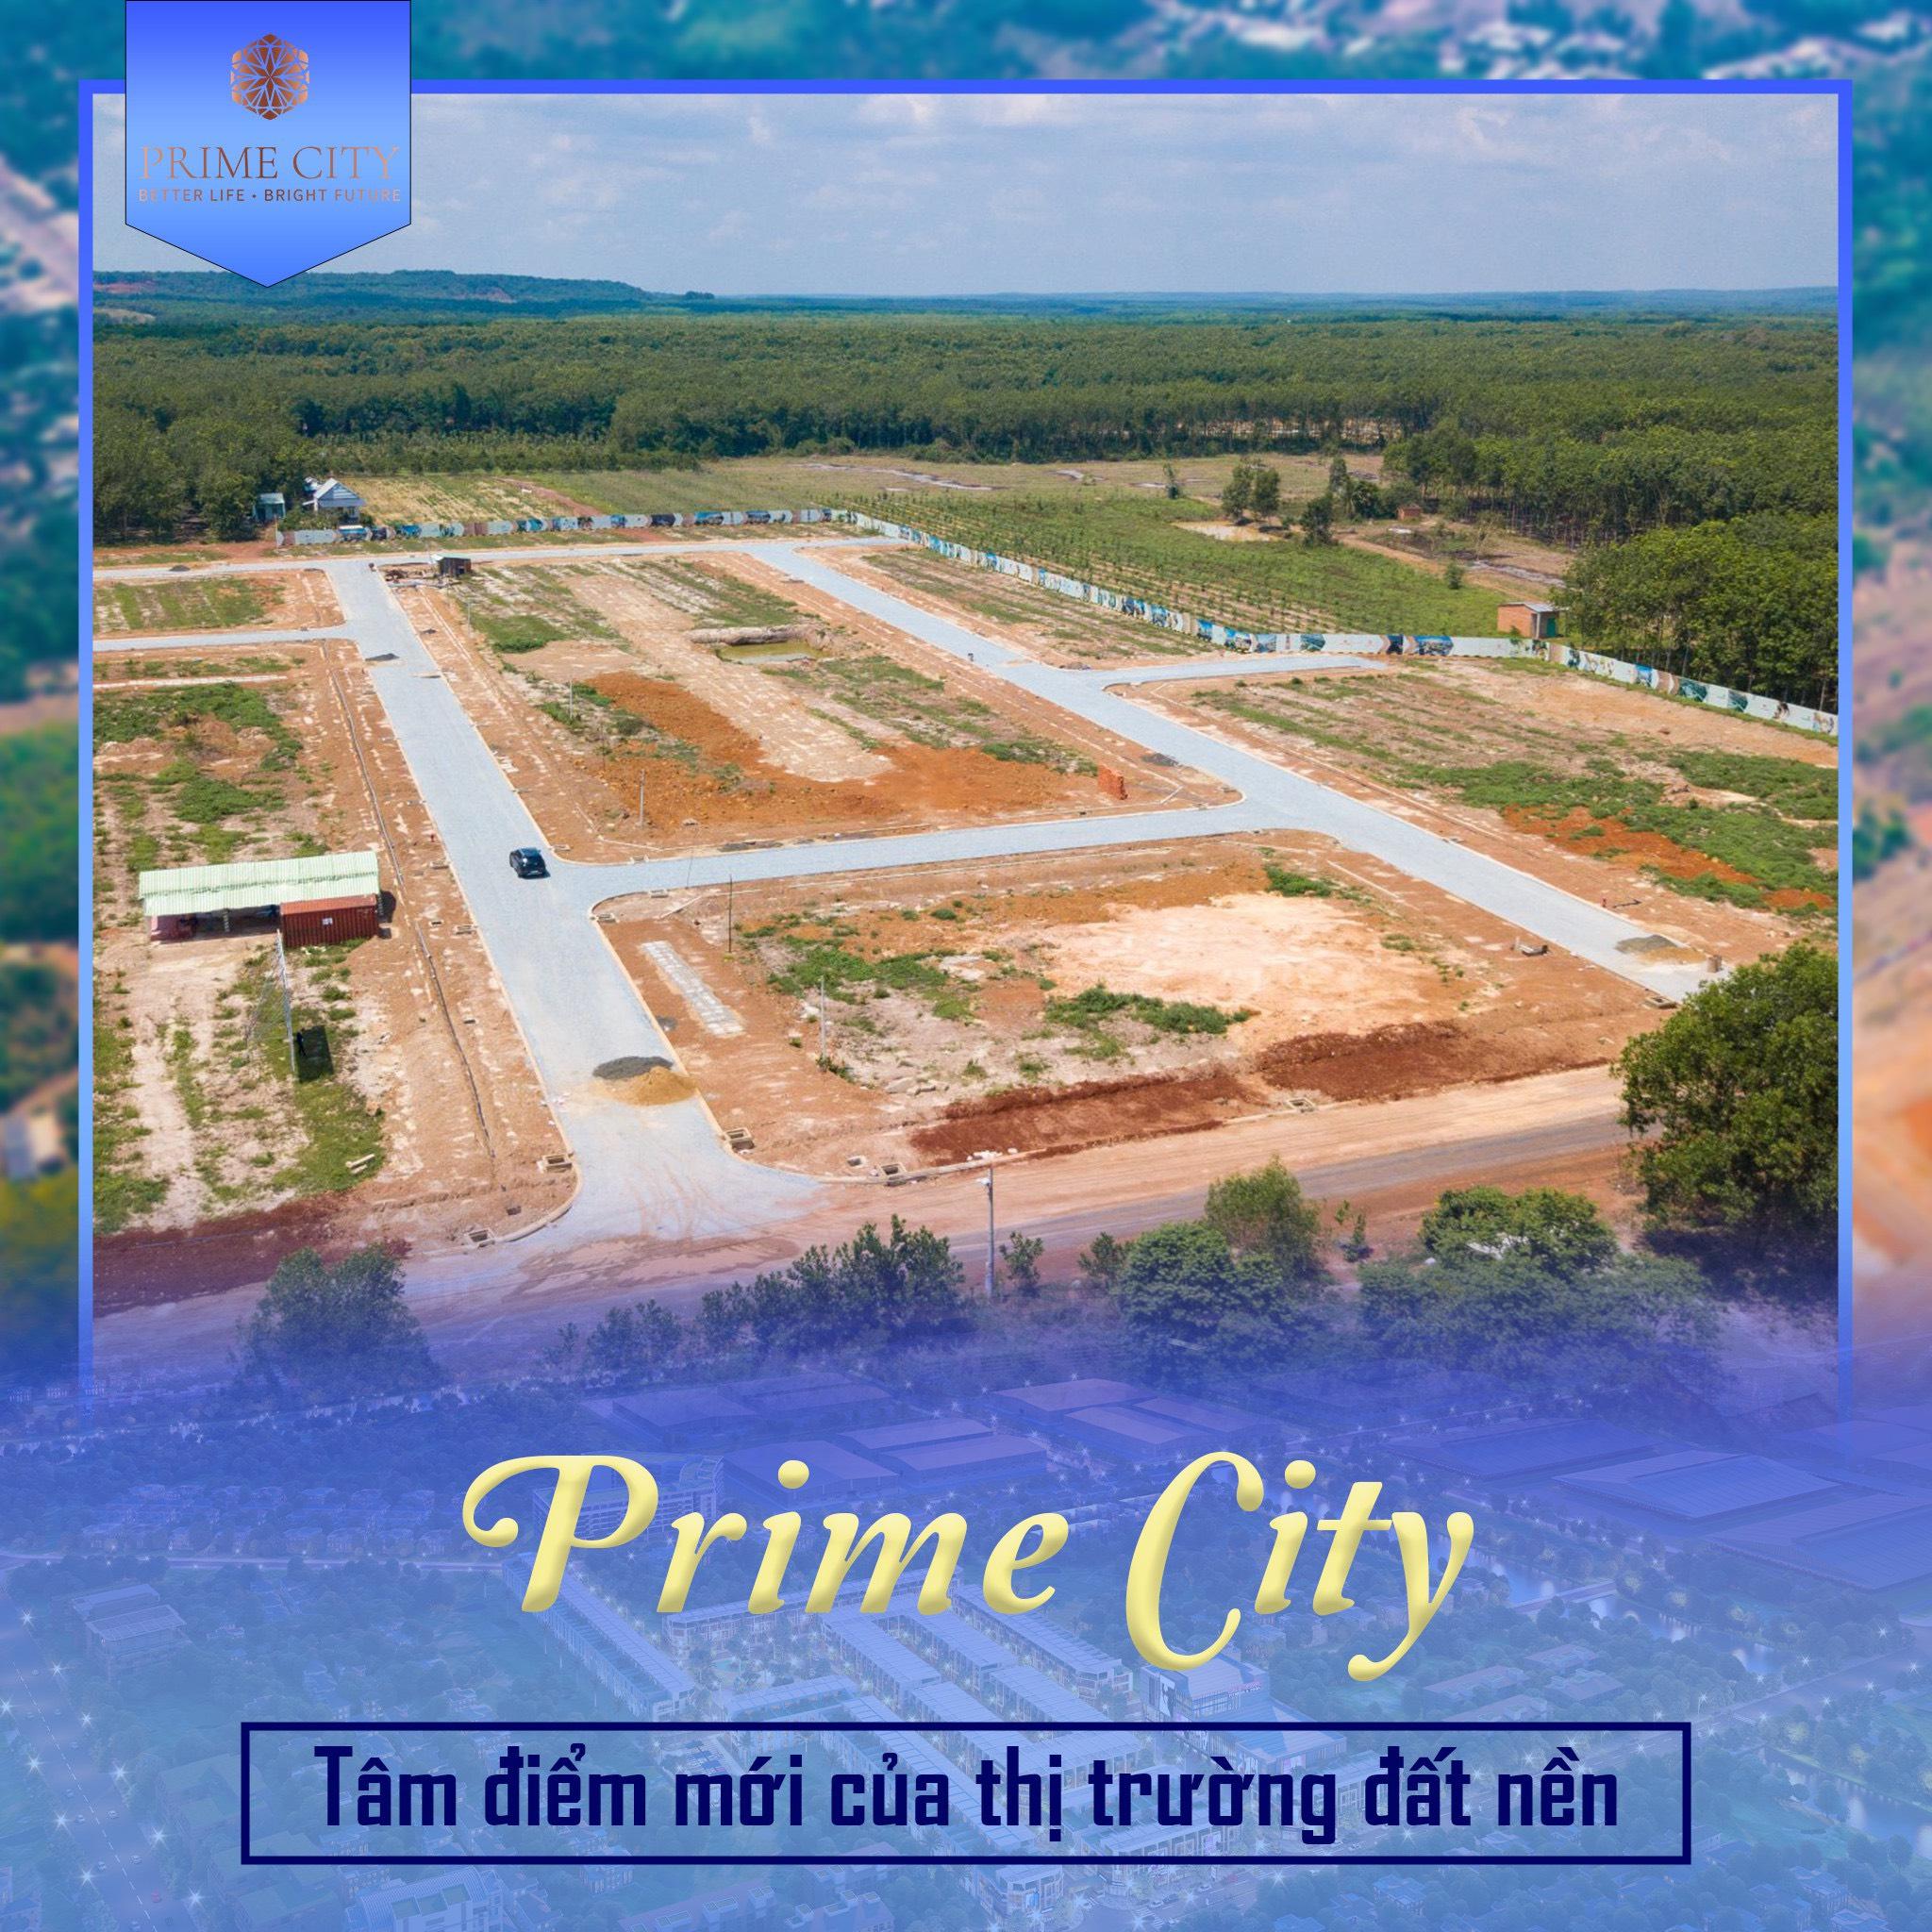 [Hiện tại] Có nên đầu tư bất động sản tại Bình Phước không?